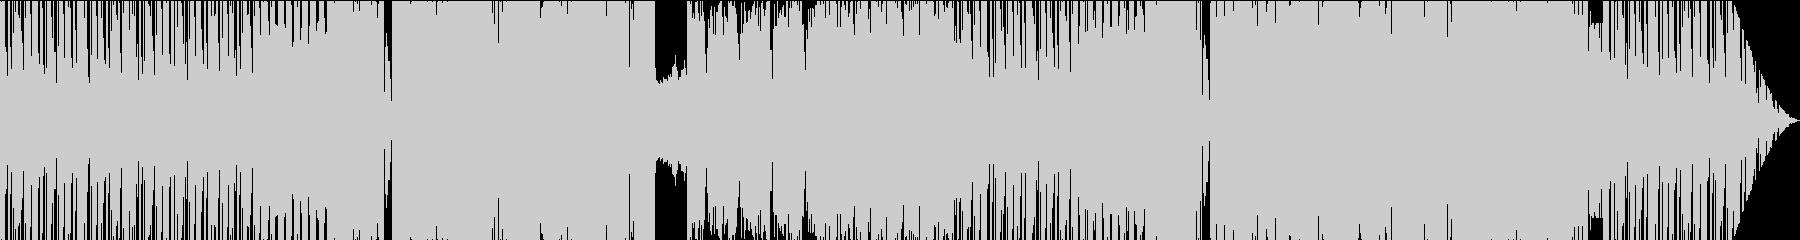 イケイケなカオス的展開のEDMの未再生の波形